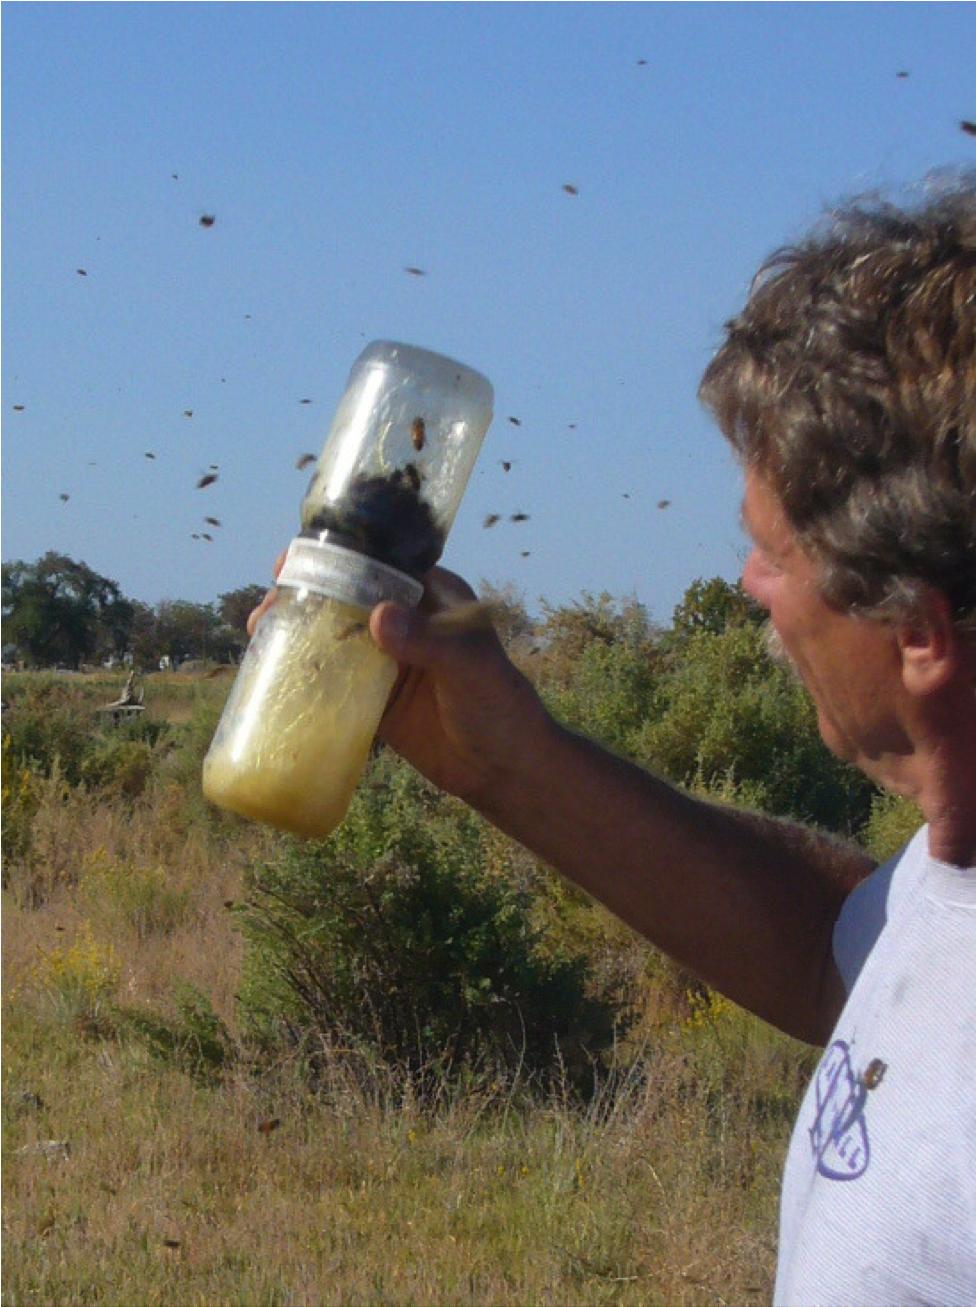 Mite Management Update 2013 @ Scientific Beekeeping